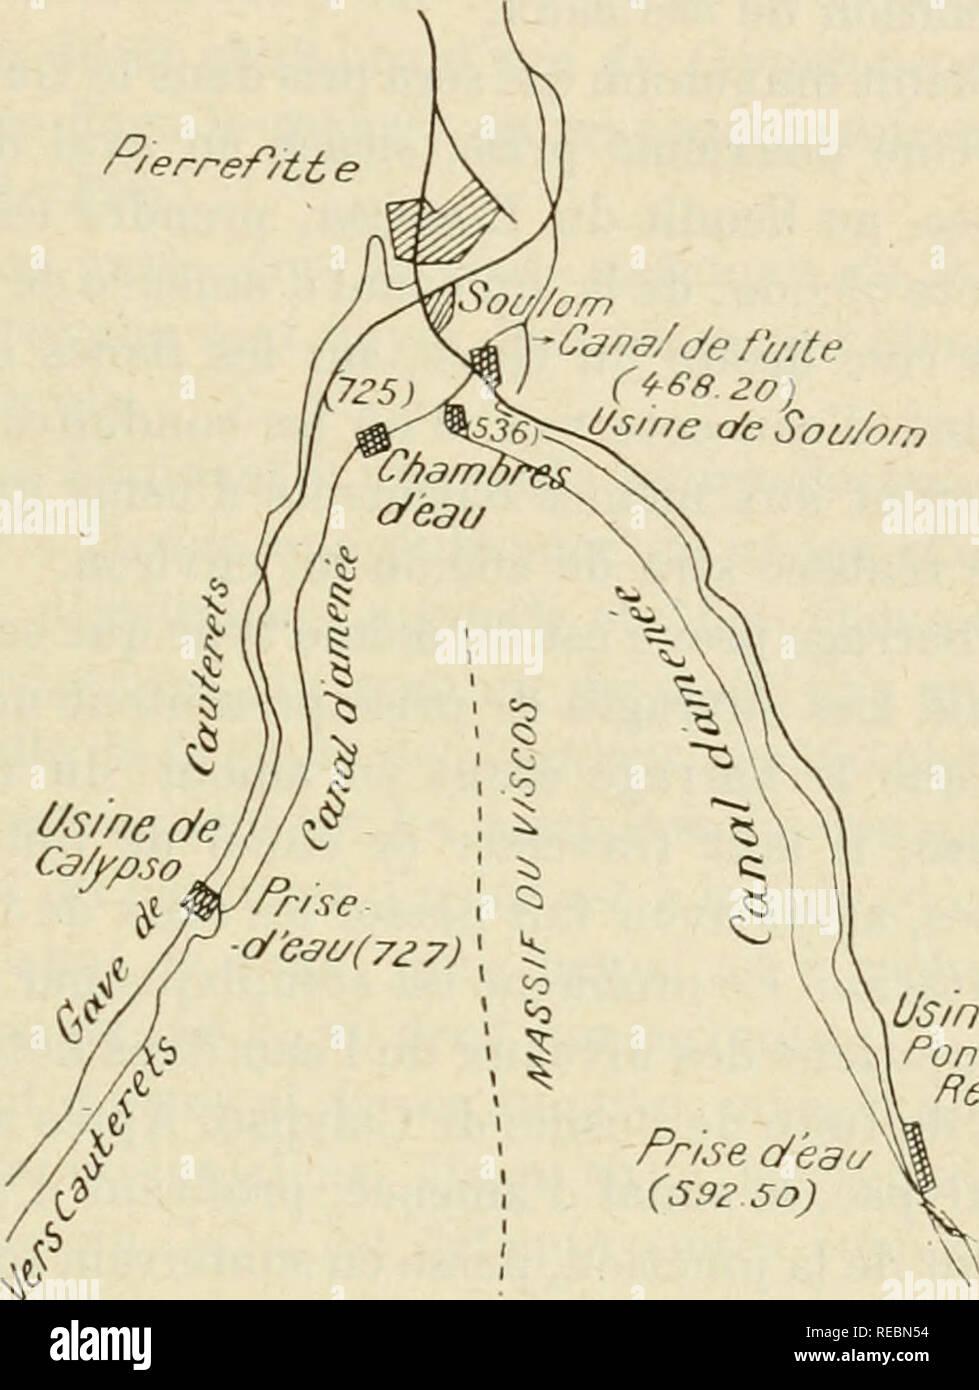 . Compte rendu. Science; Science -- Congresses. EYDOUX, ÃIECTRIFICATION DU RÃSEAU PYRÃNÃEN. P/erref/it e fitte-Nestalas, se bifurque près de cette dernière localité en deux autres vallées, la vallée de Luz ou du Gave de Pau proprement dit à l'Est et la vallée de Caiiterets à l'Ouest {voir croquis annexé). Ces deux vallées sont desservies par les lignes d'intérêt local à voie de i m et à traction électrique de Pierrefitte à Cauterets. Elles sont séparées par un massif montagneux dont le dernier sommet caractéristique vers le Nord, où disparaît cette arête, s'appelle le pic de V Stock Photo